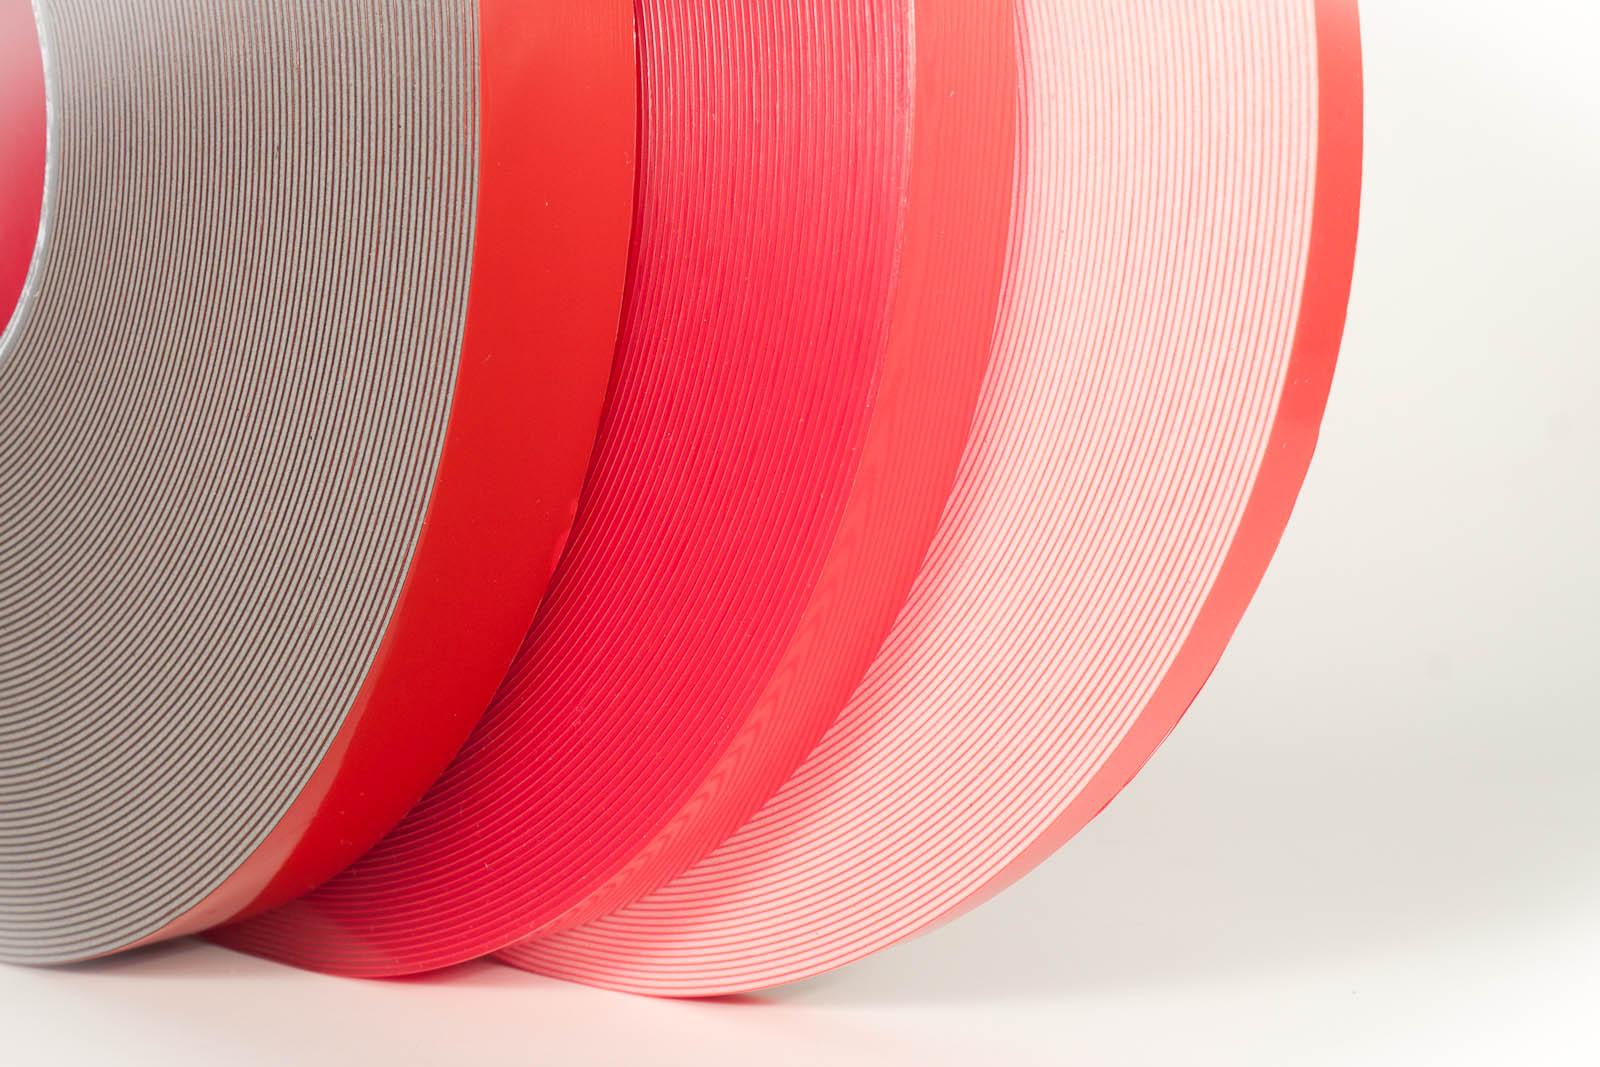 Doppelseitige Hochleistungsklebeb�nder Acrylic Foam AFTC Silvertape Montageklebeband